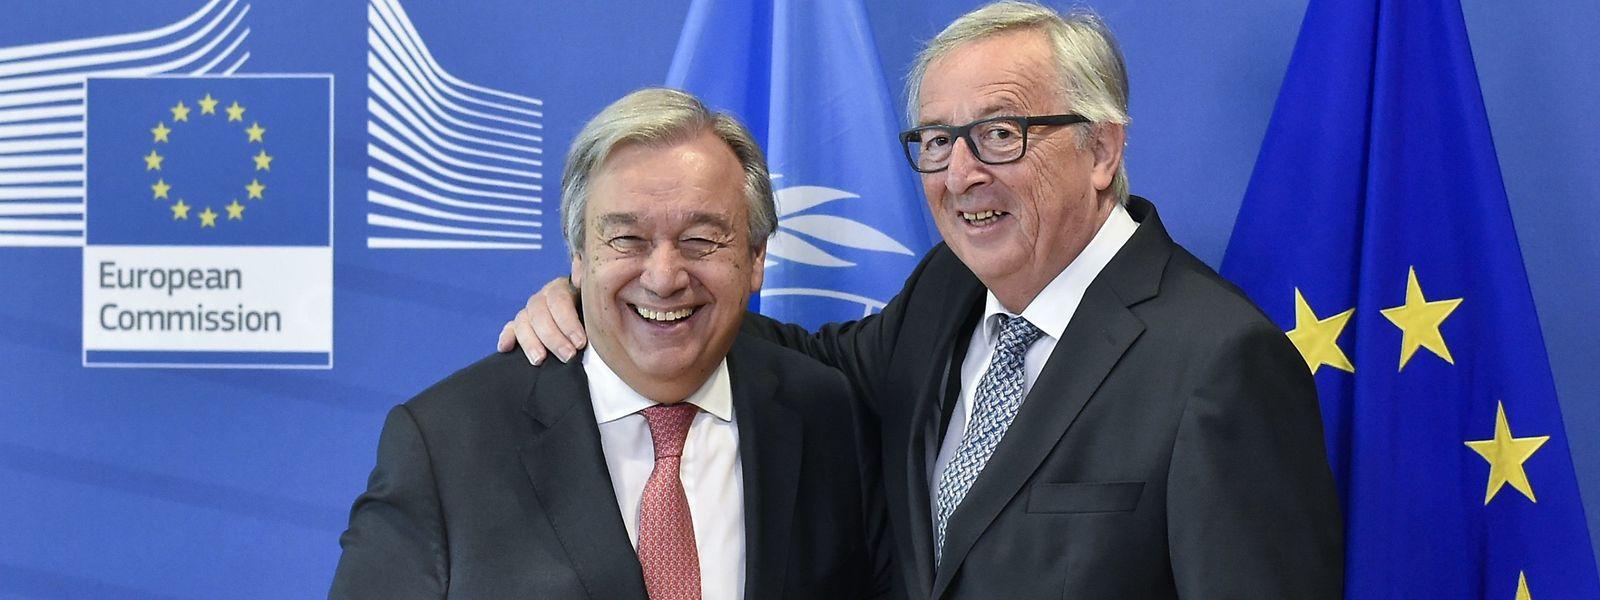 O Secretário-Geral da ONU, António Guterres, e o Presidente da Comissão Europeia, Jean Claude Juncker, em Bruxelas